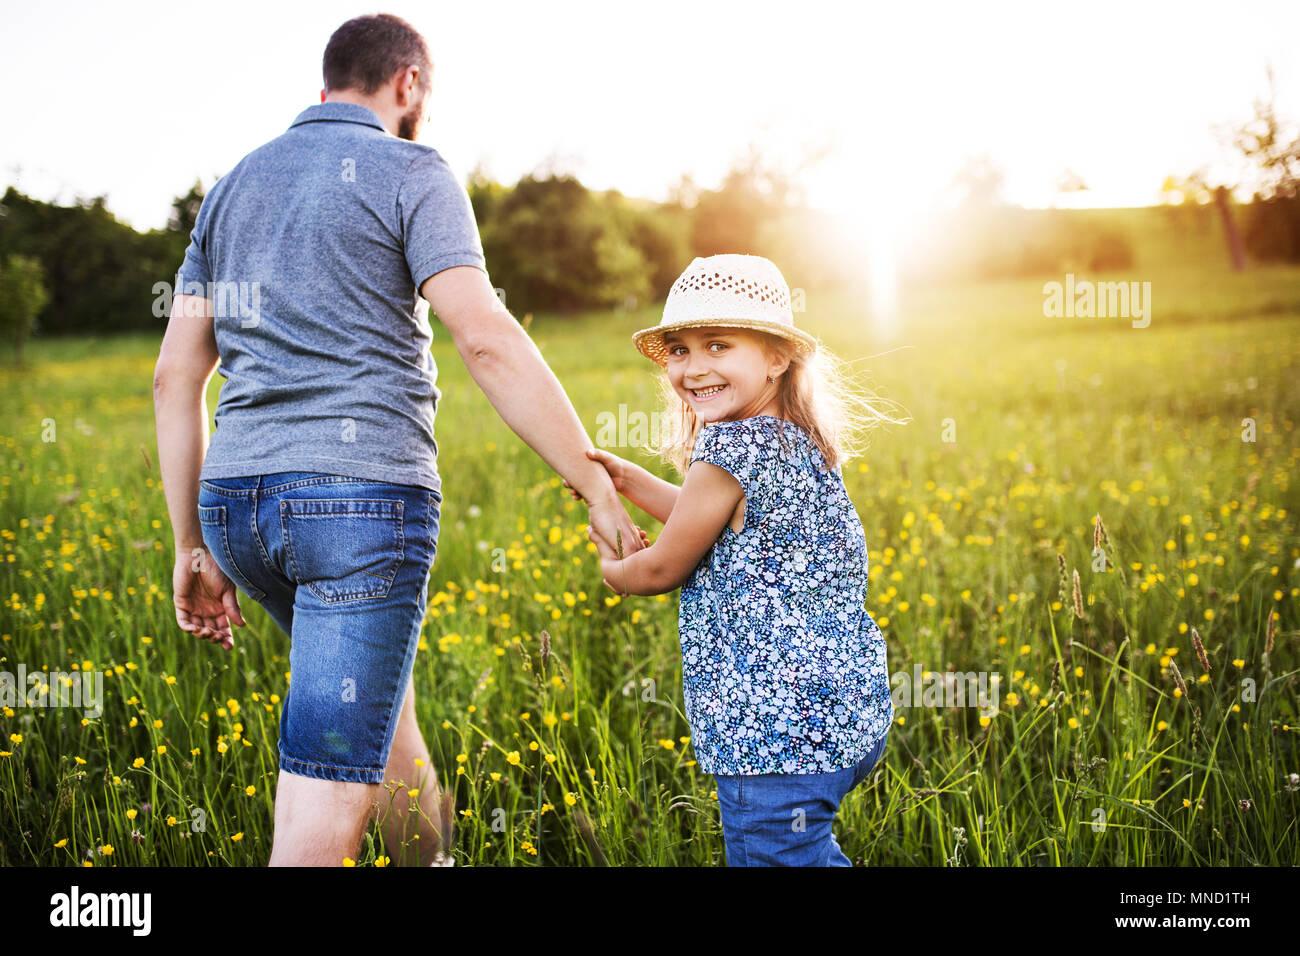 Père d'une petite fille lors d'une promenade en nature au printemps. Photo Stock